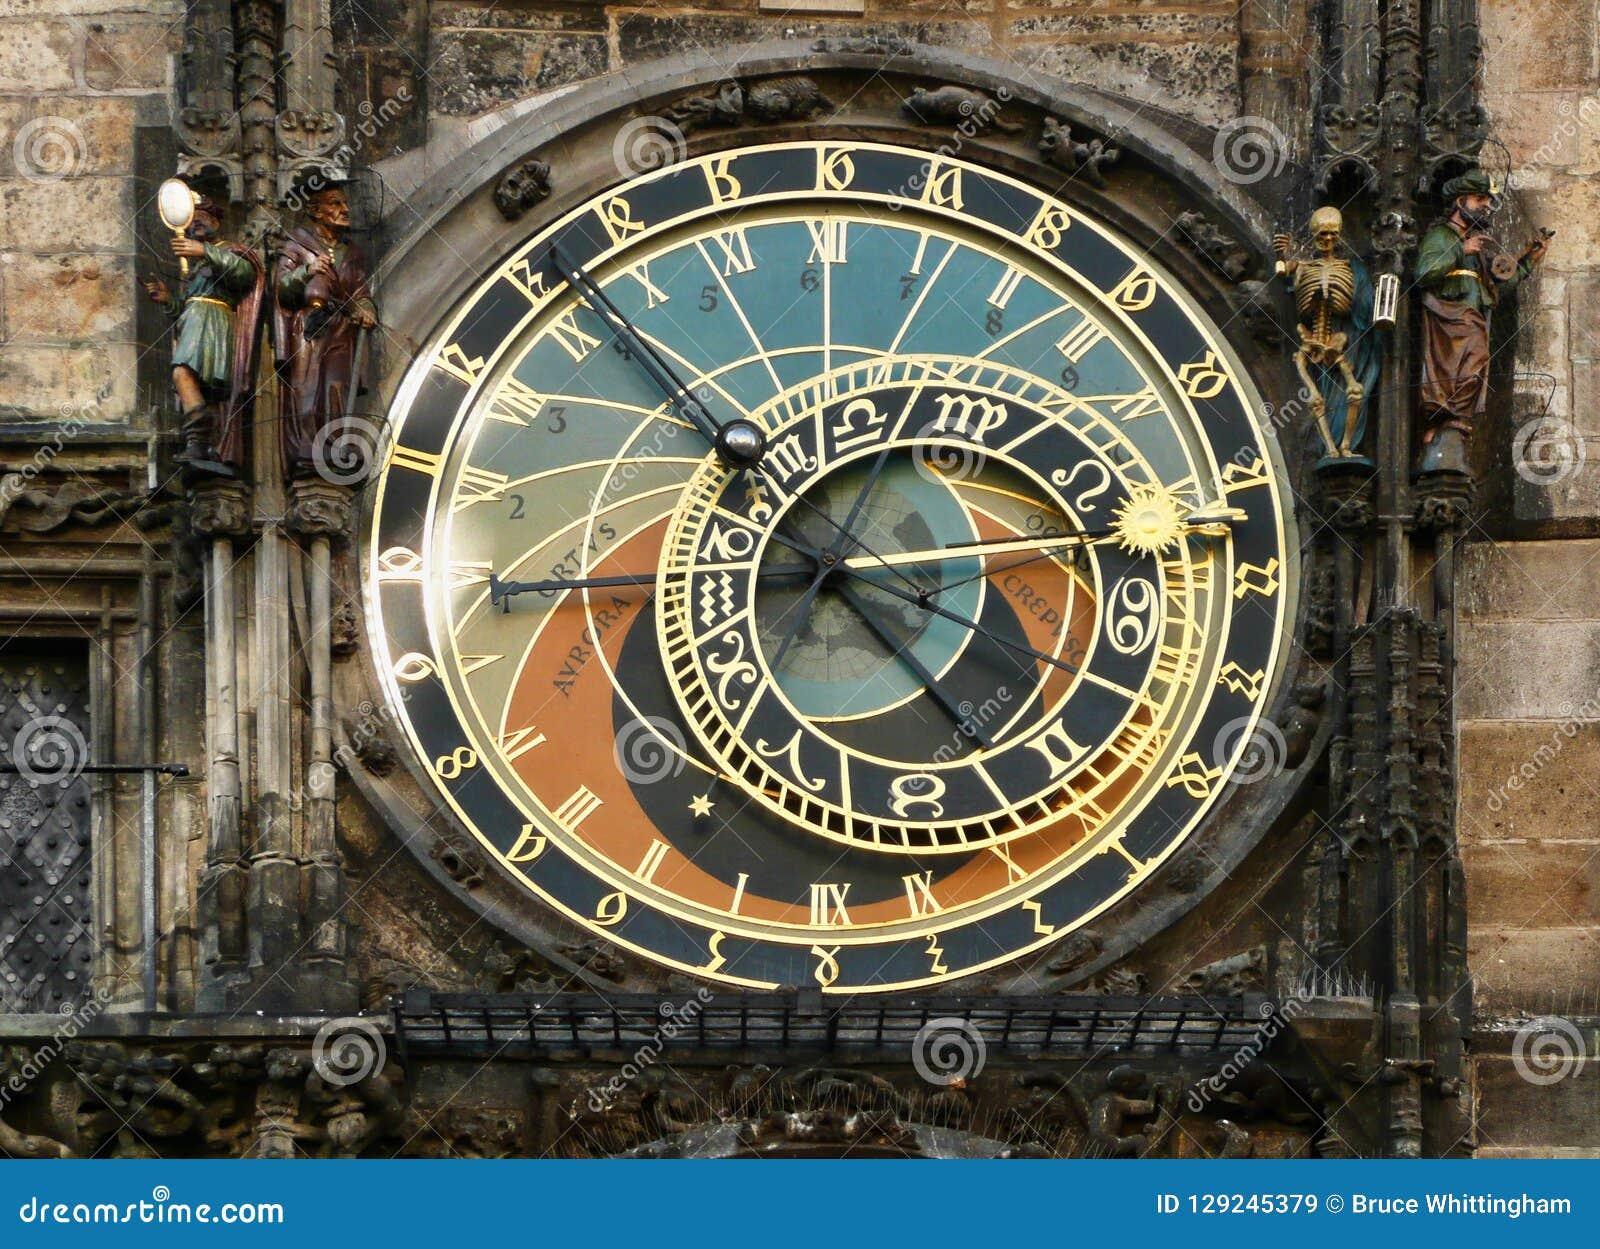 Torre de pulso de disparo astrológica, quadrado velho da torre, Praga, República Checa